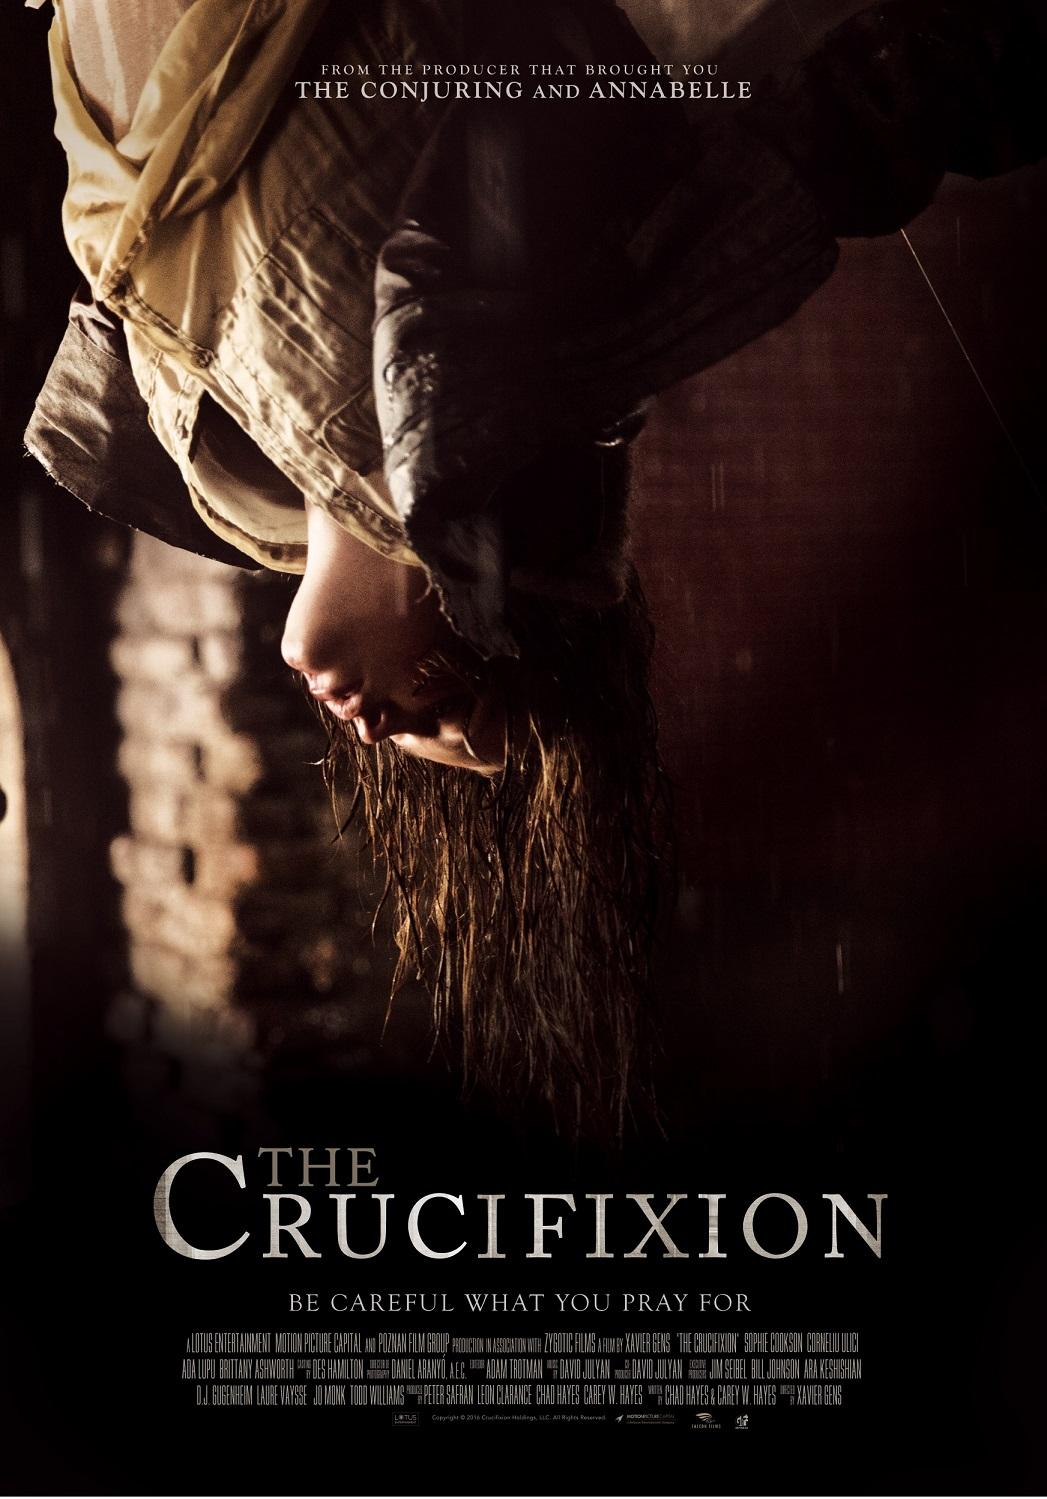 The Crucifixion Film